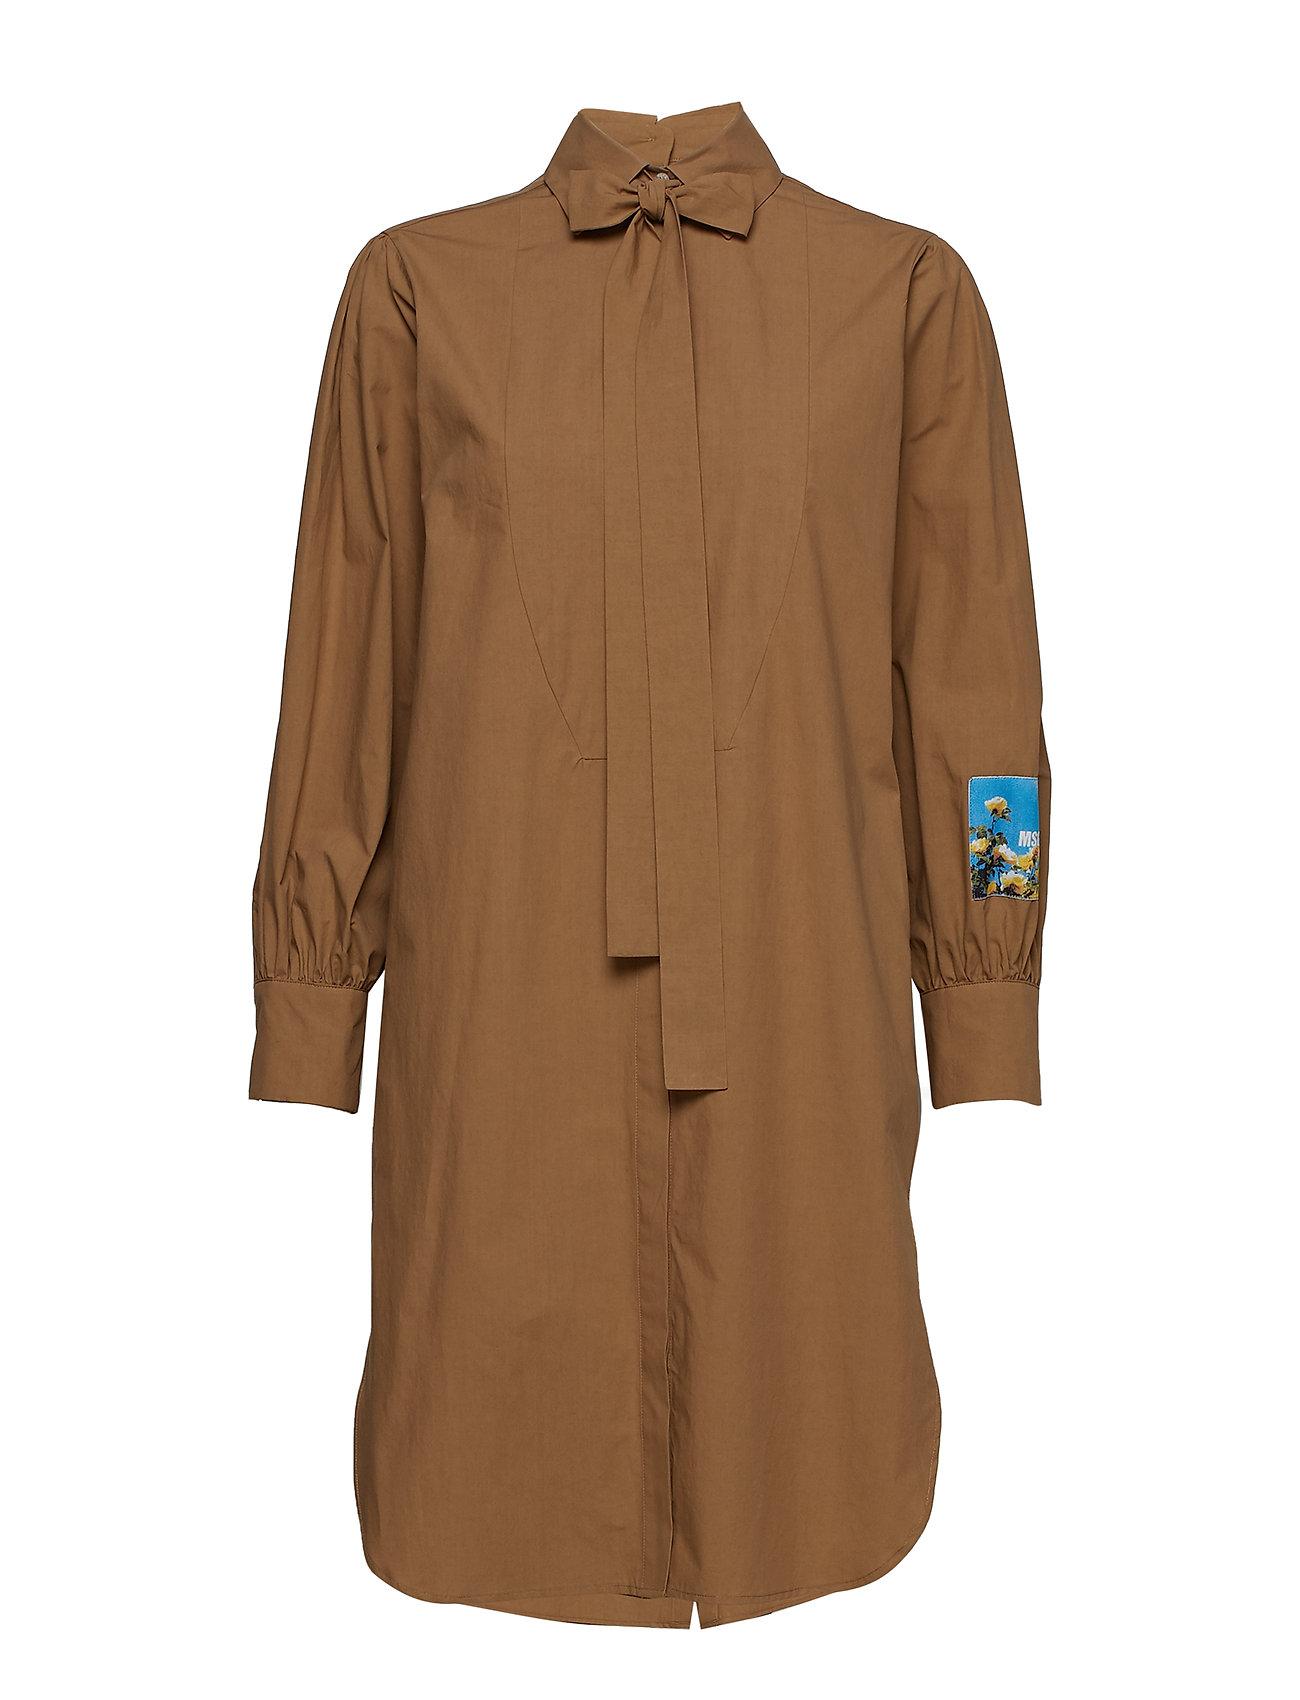 MSGM DRESS - BEIGE